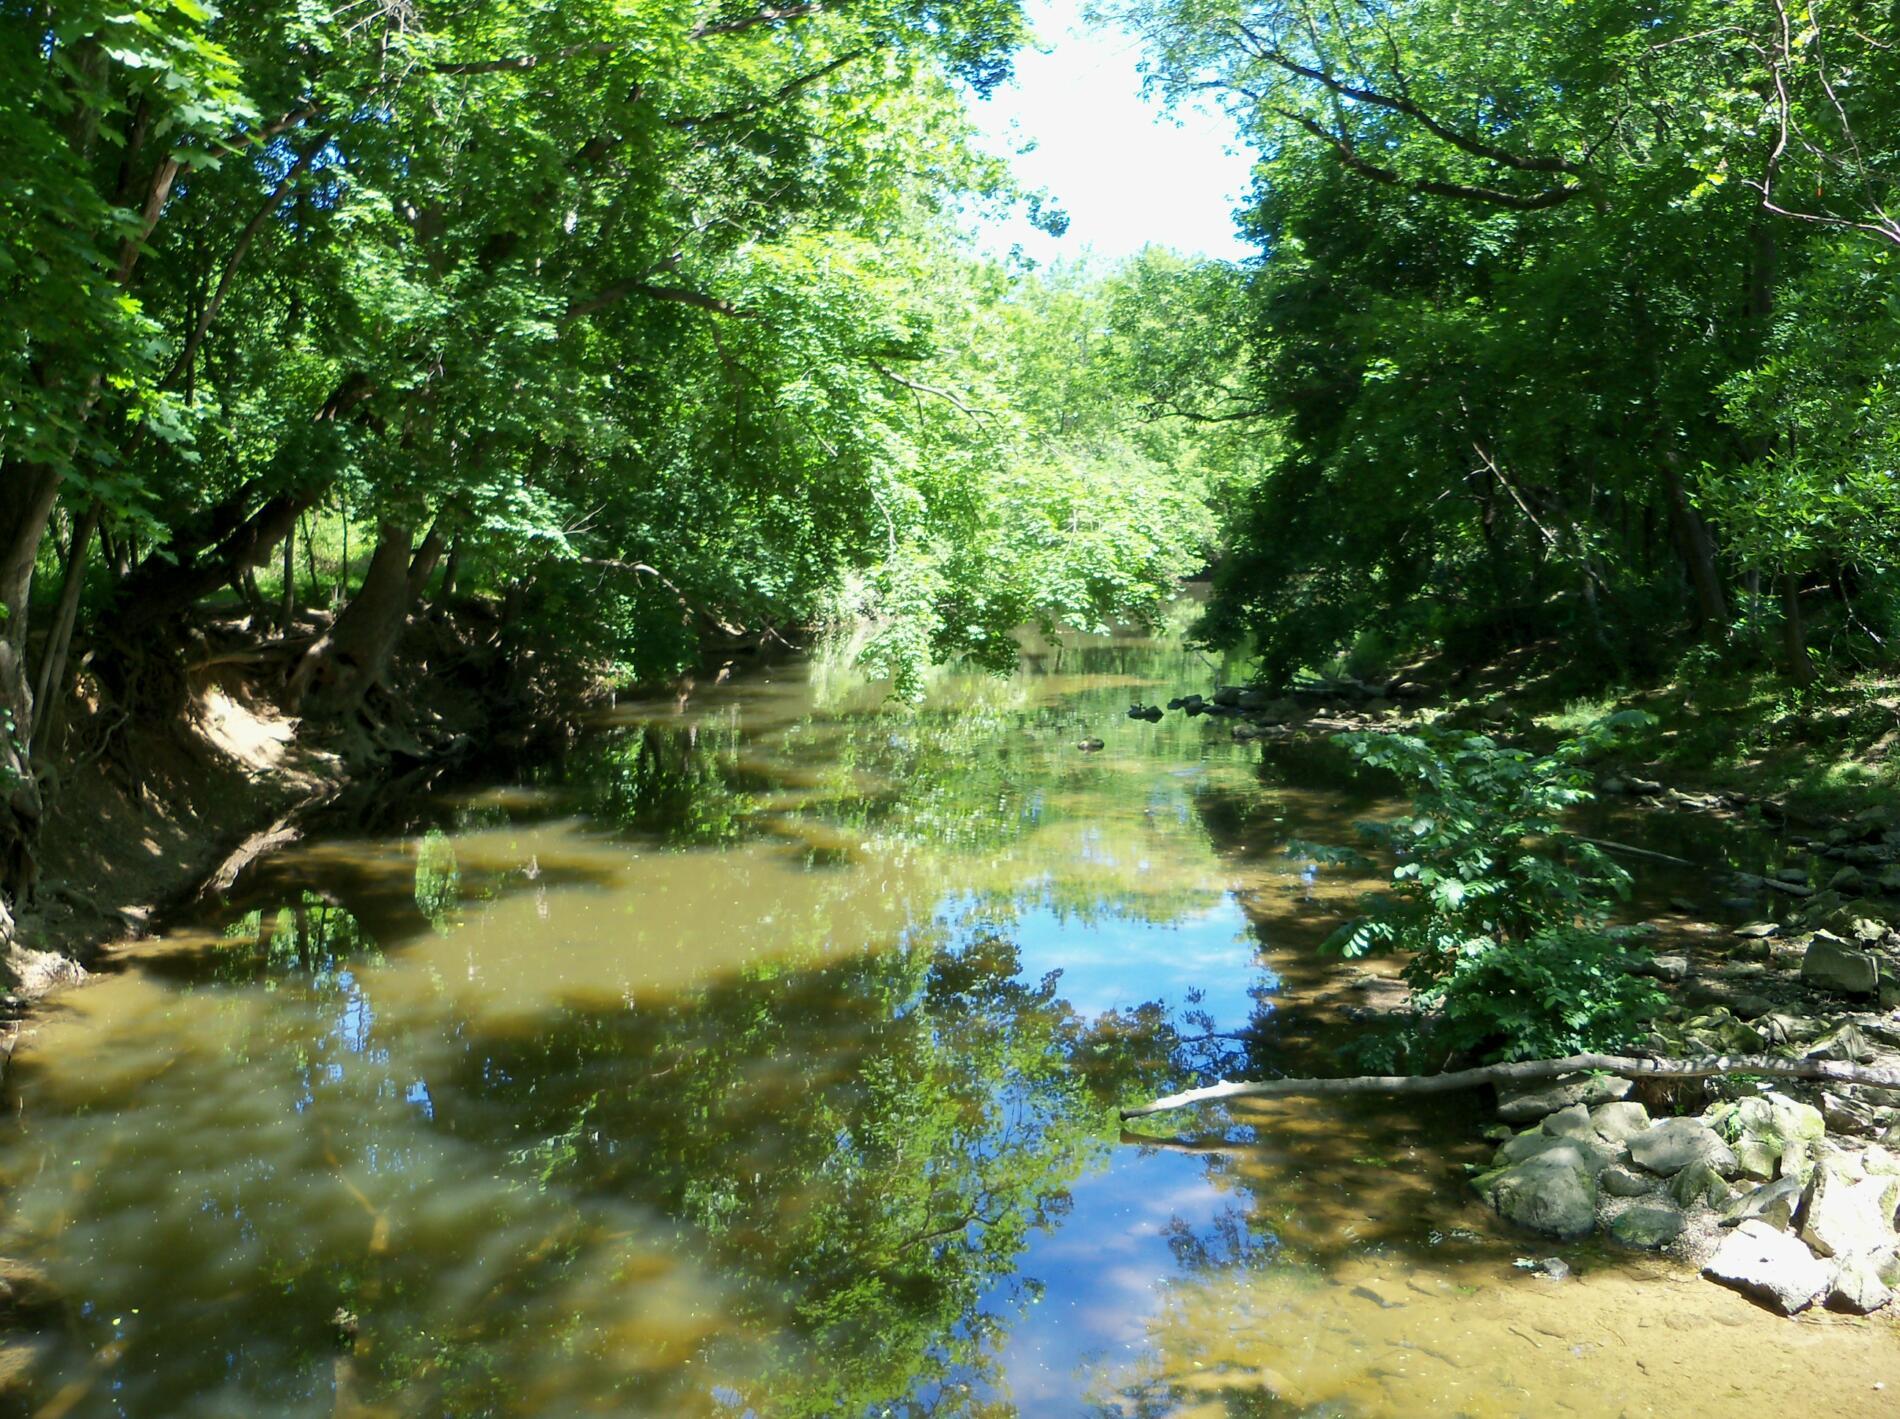 Jordan Creek Park